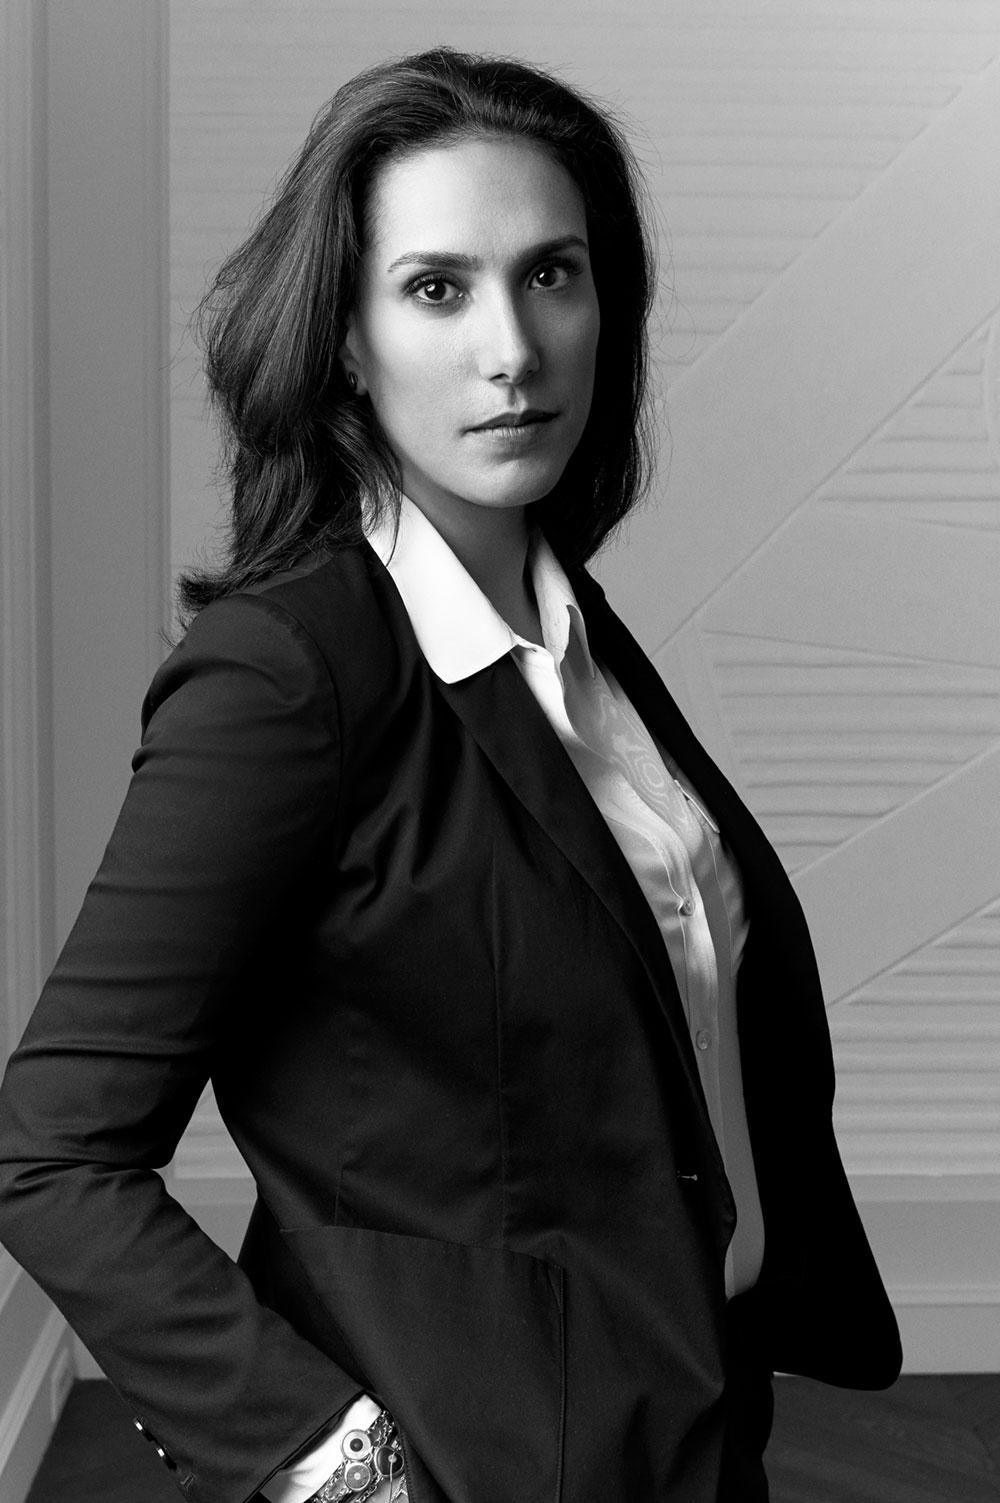 Davina Koska, fondatrice et directrice artistique de la maison Pinto Paris